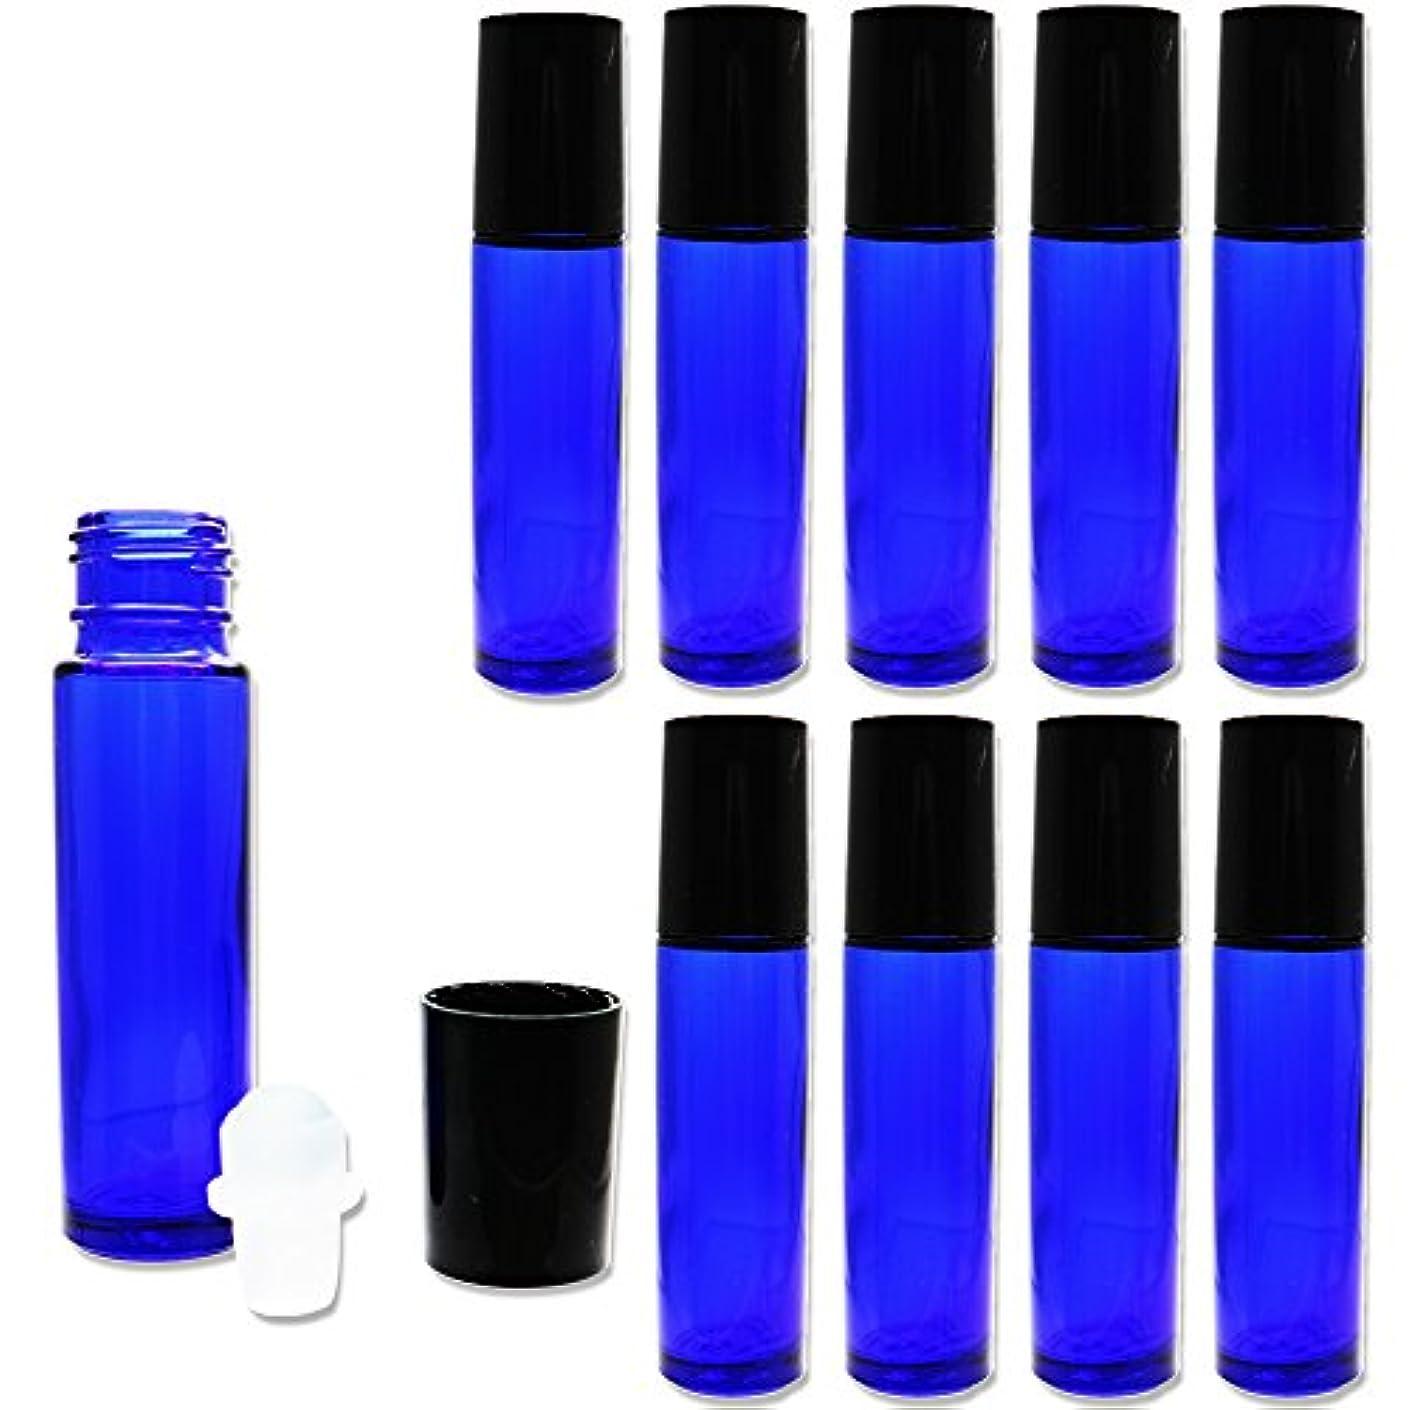 謝罪する略語アイザックSolid Value ロールオンボトル アロマオイル ガラスロール 詰め替え 遮光瓶 (10ml 10本セット)